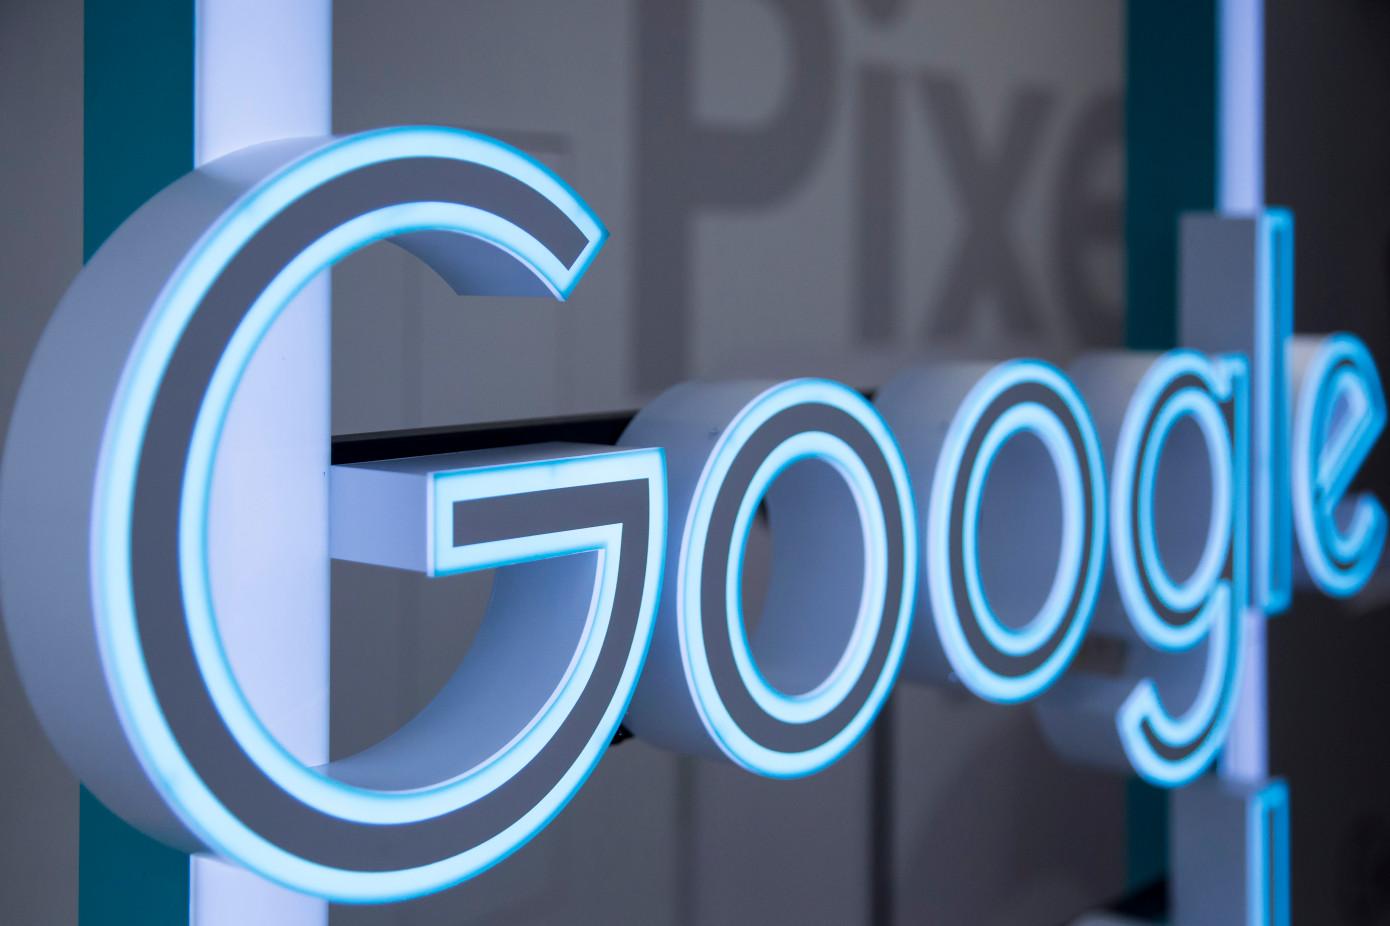 Google permite eliminar automáticamente la actividad de su aplicación, la ubicación y el historial web